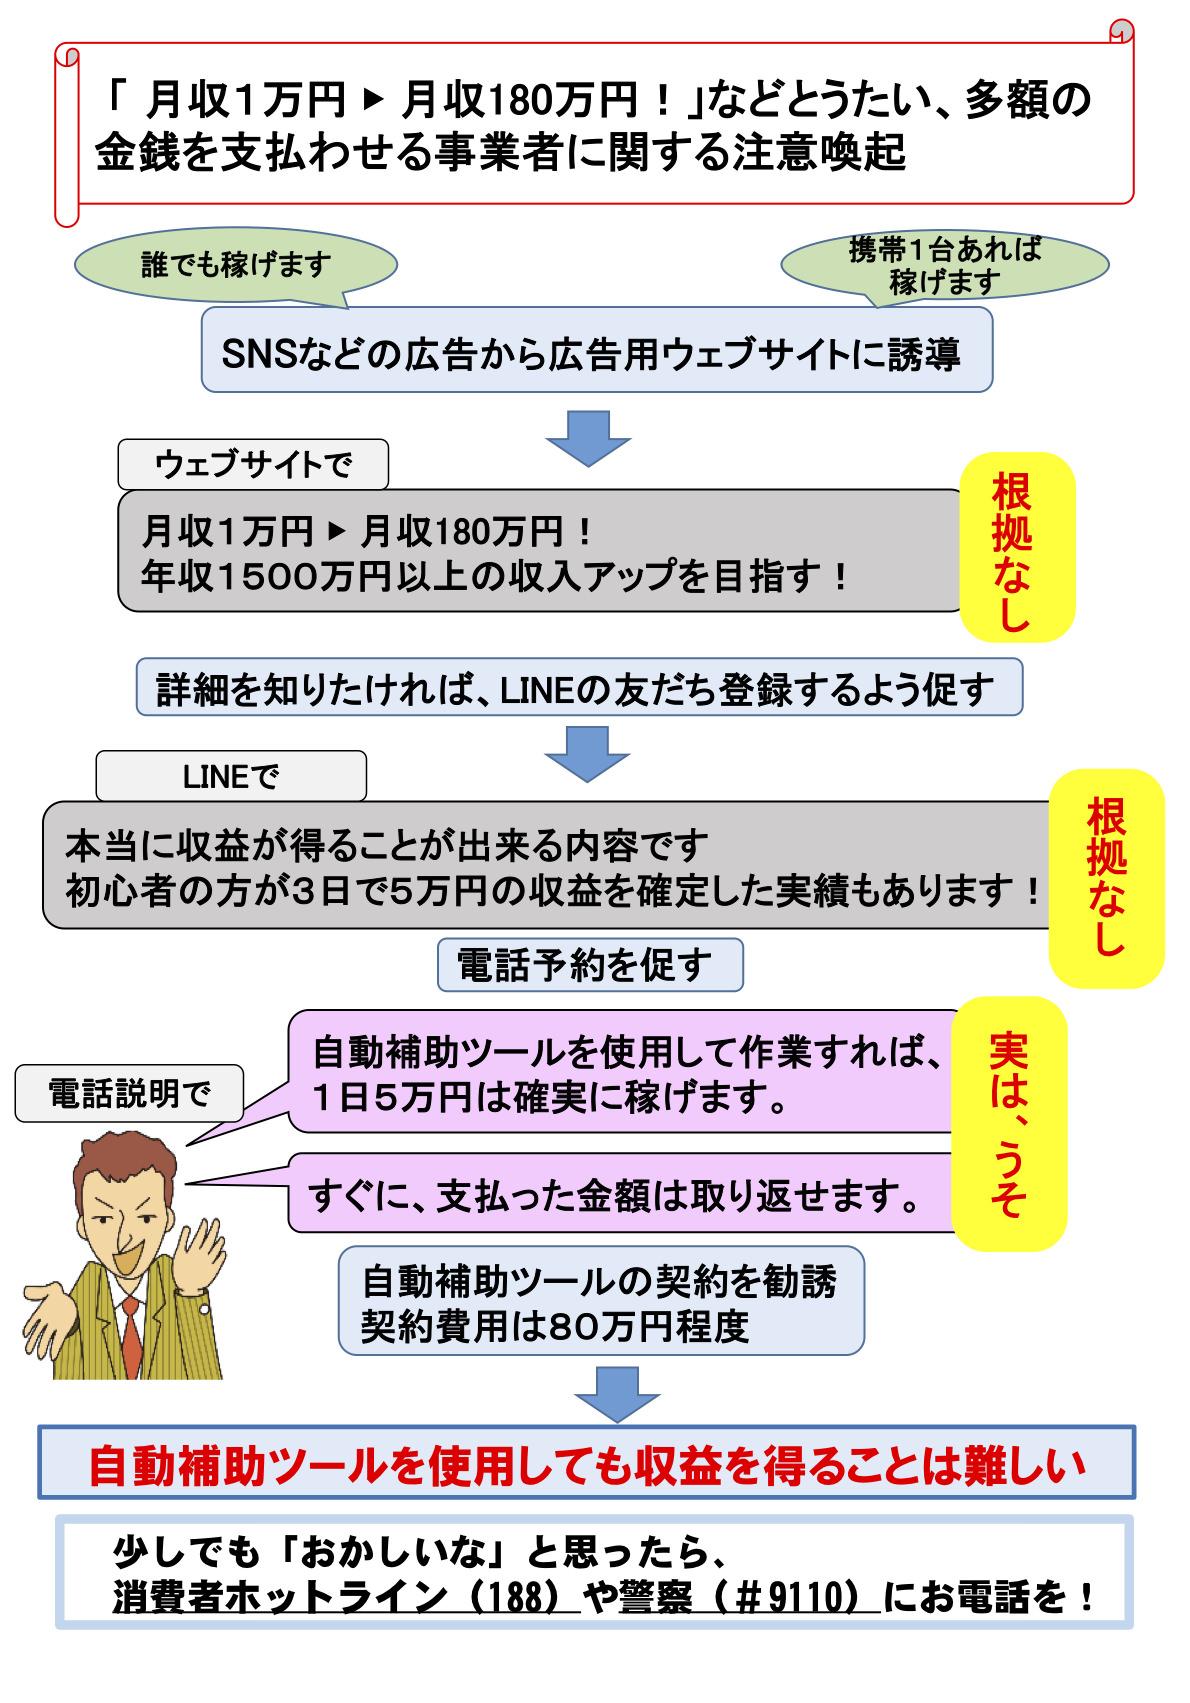 side-job-alert-1